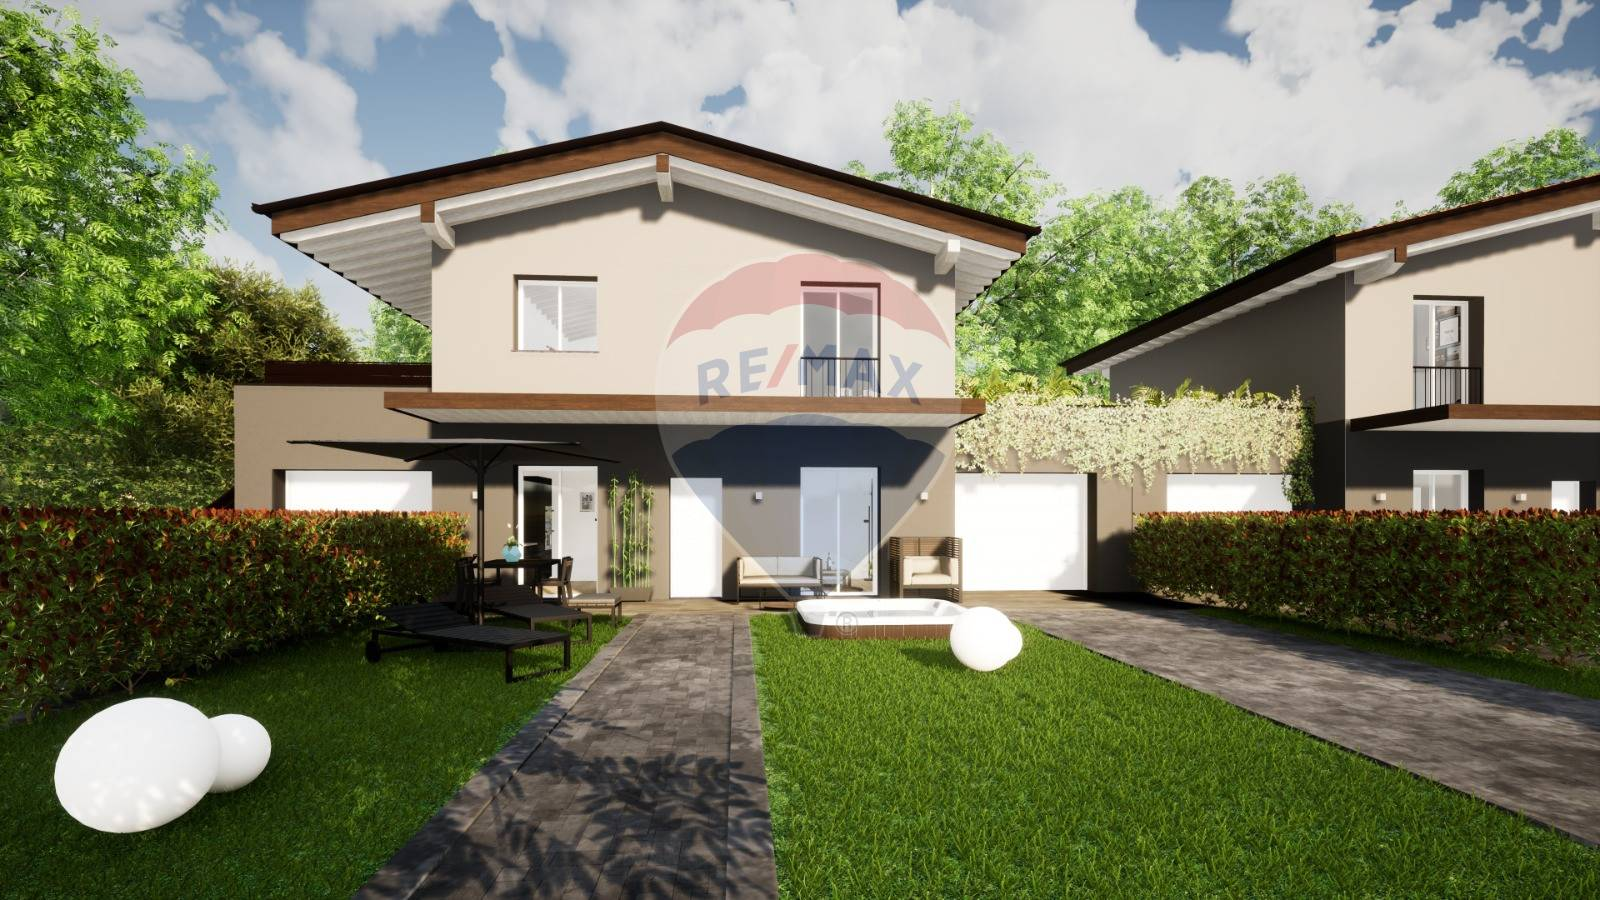 Villa Bifamiliare in vendita a Lonato, 3 locali, prezzo € 245.000   CambioCasa.it